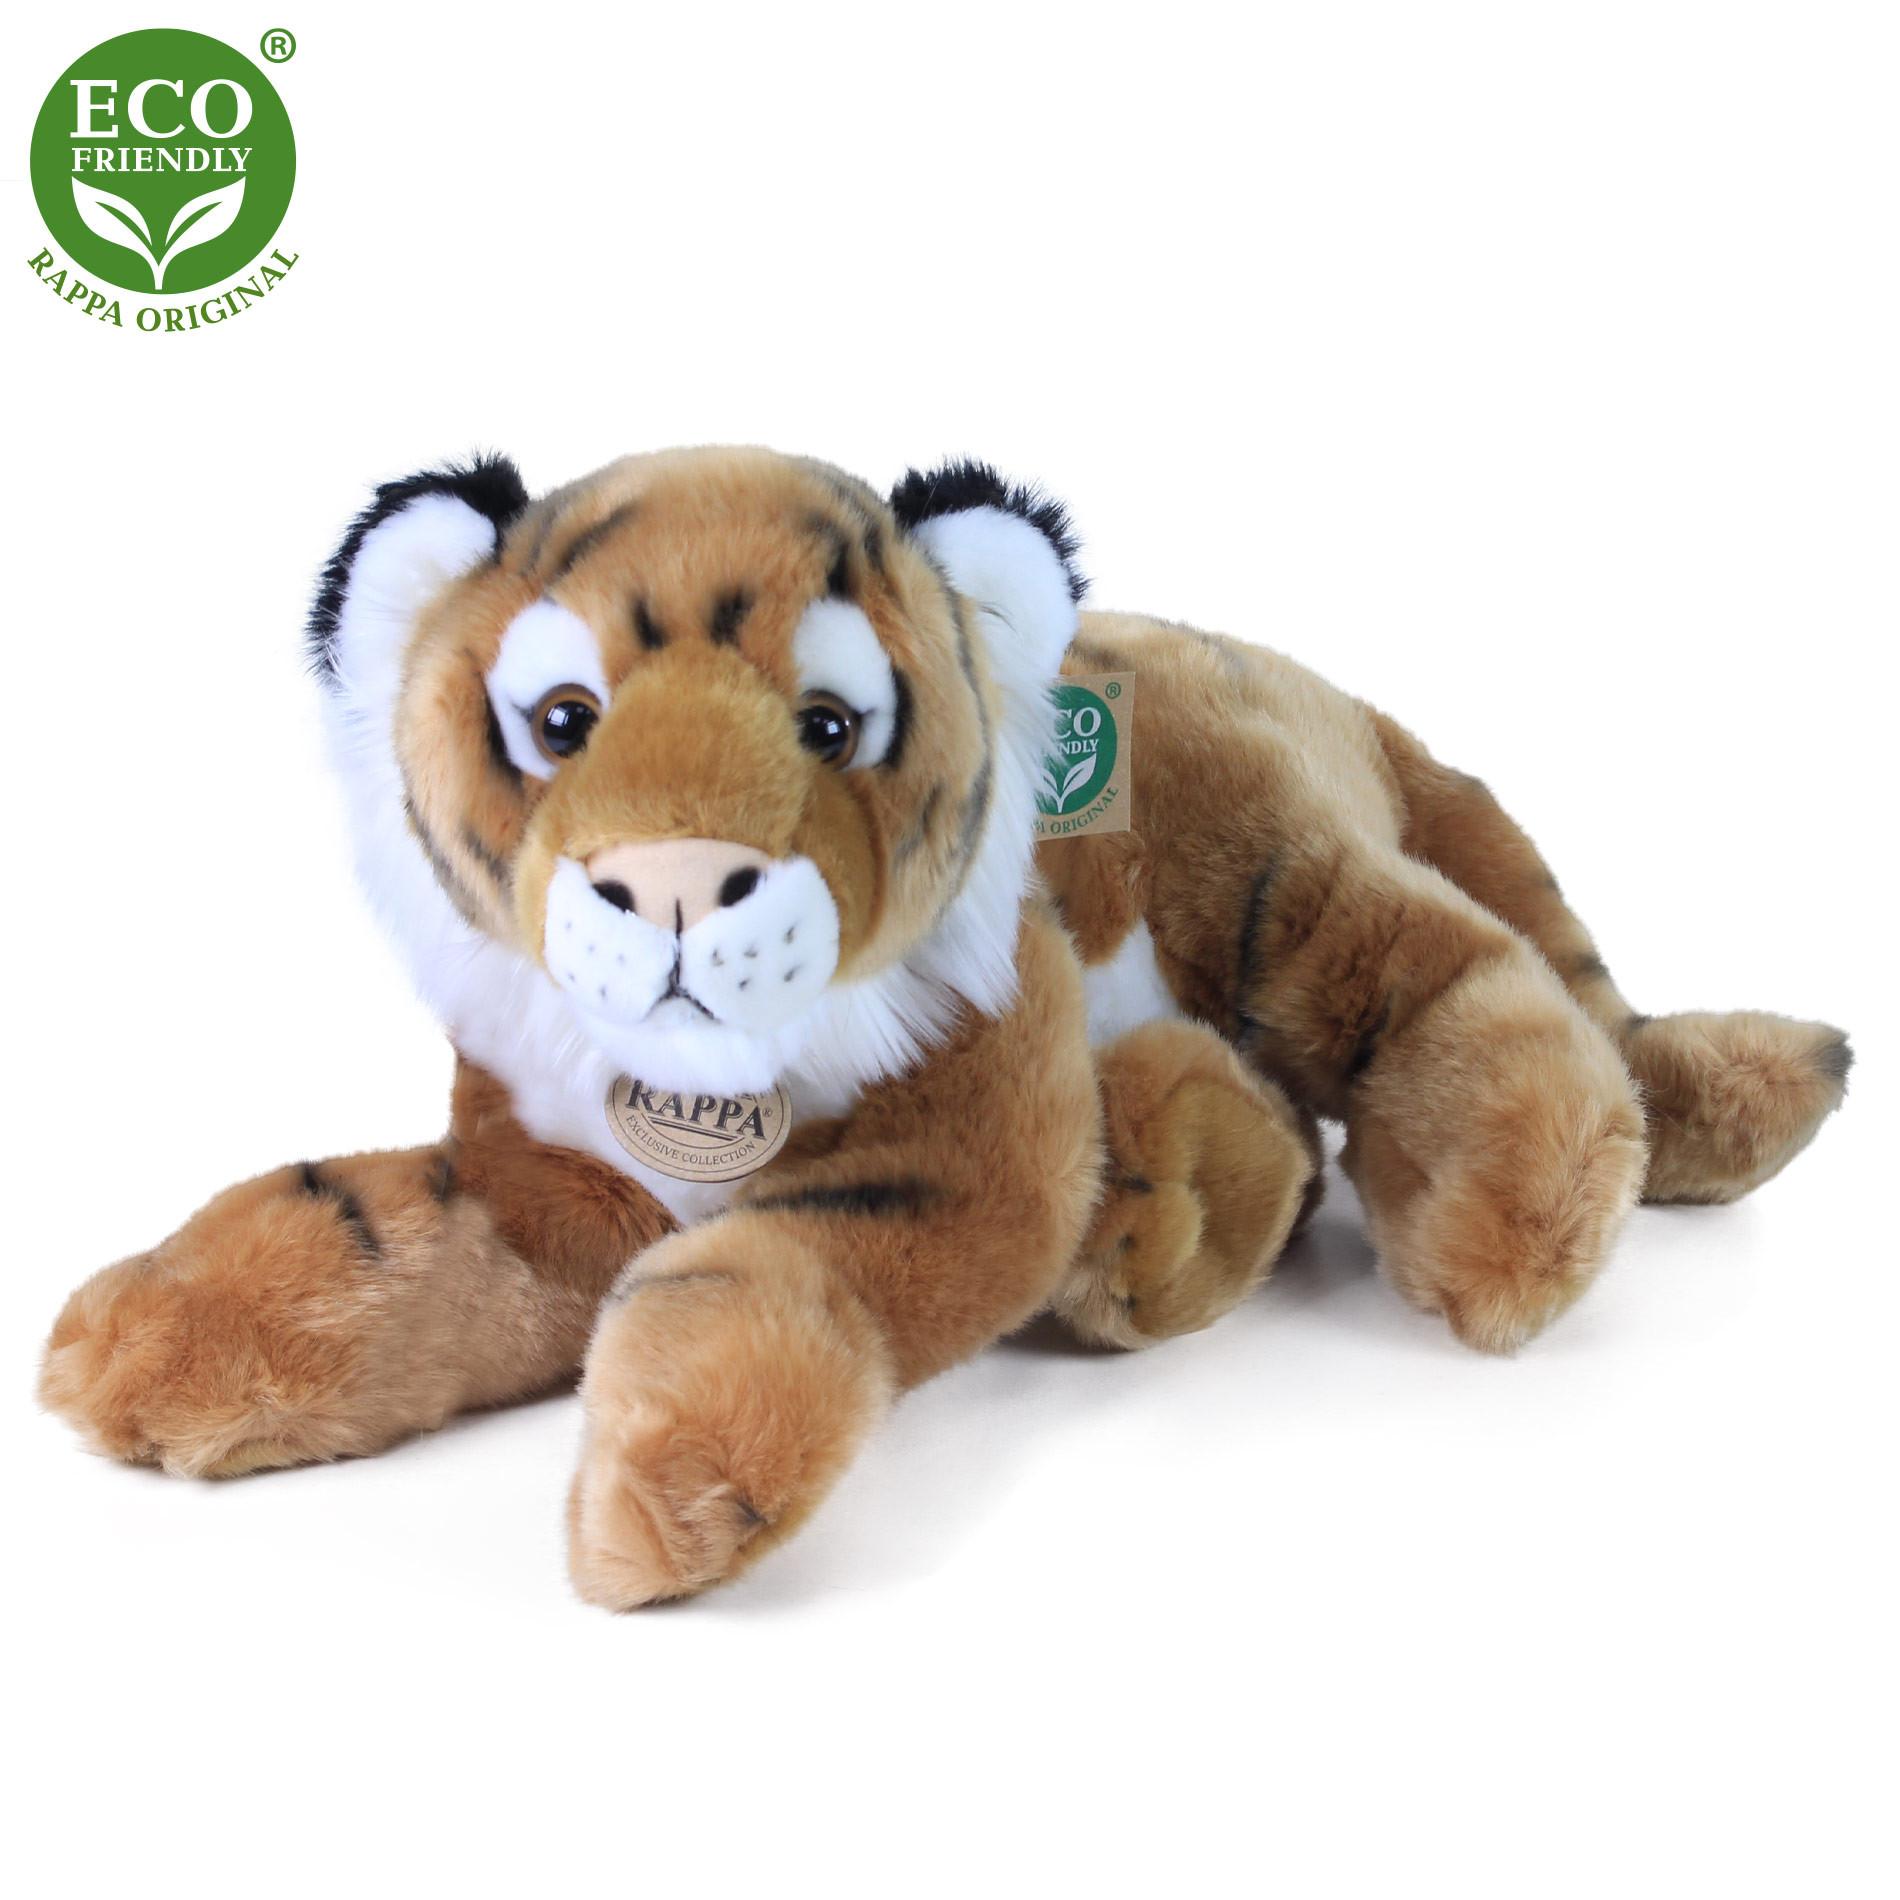 plyšový tygr ležící, 32 cm